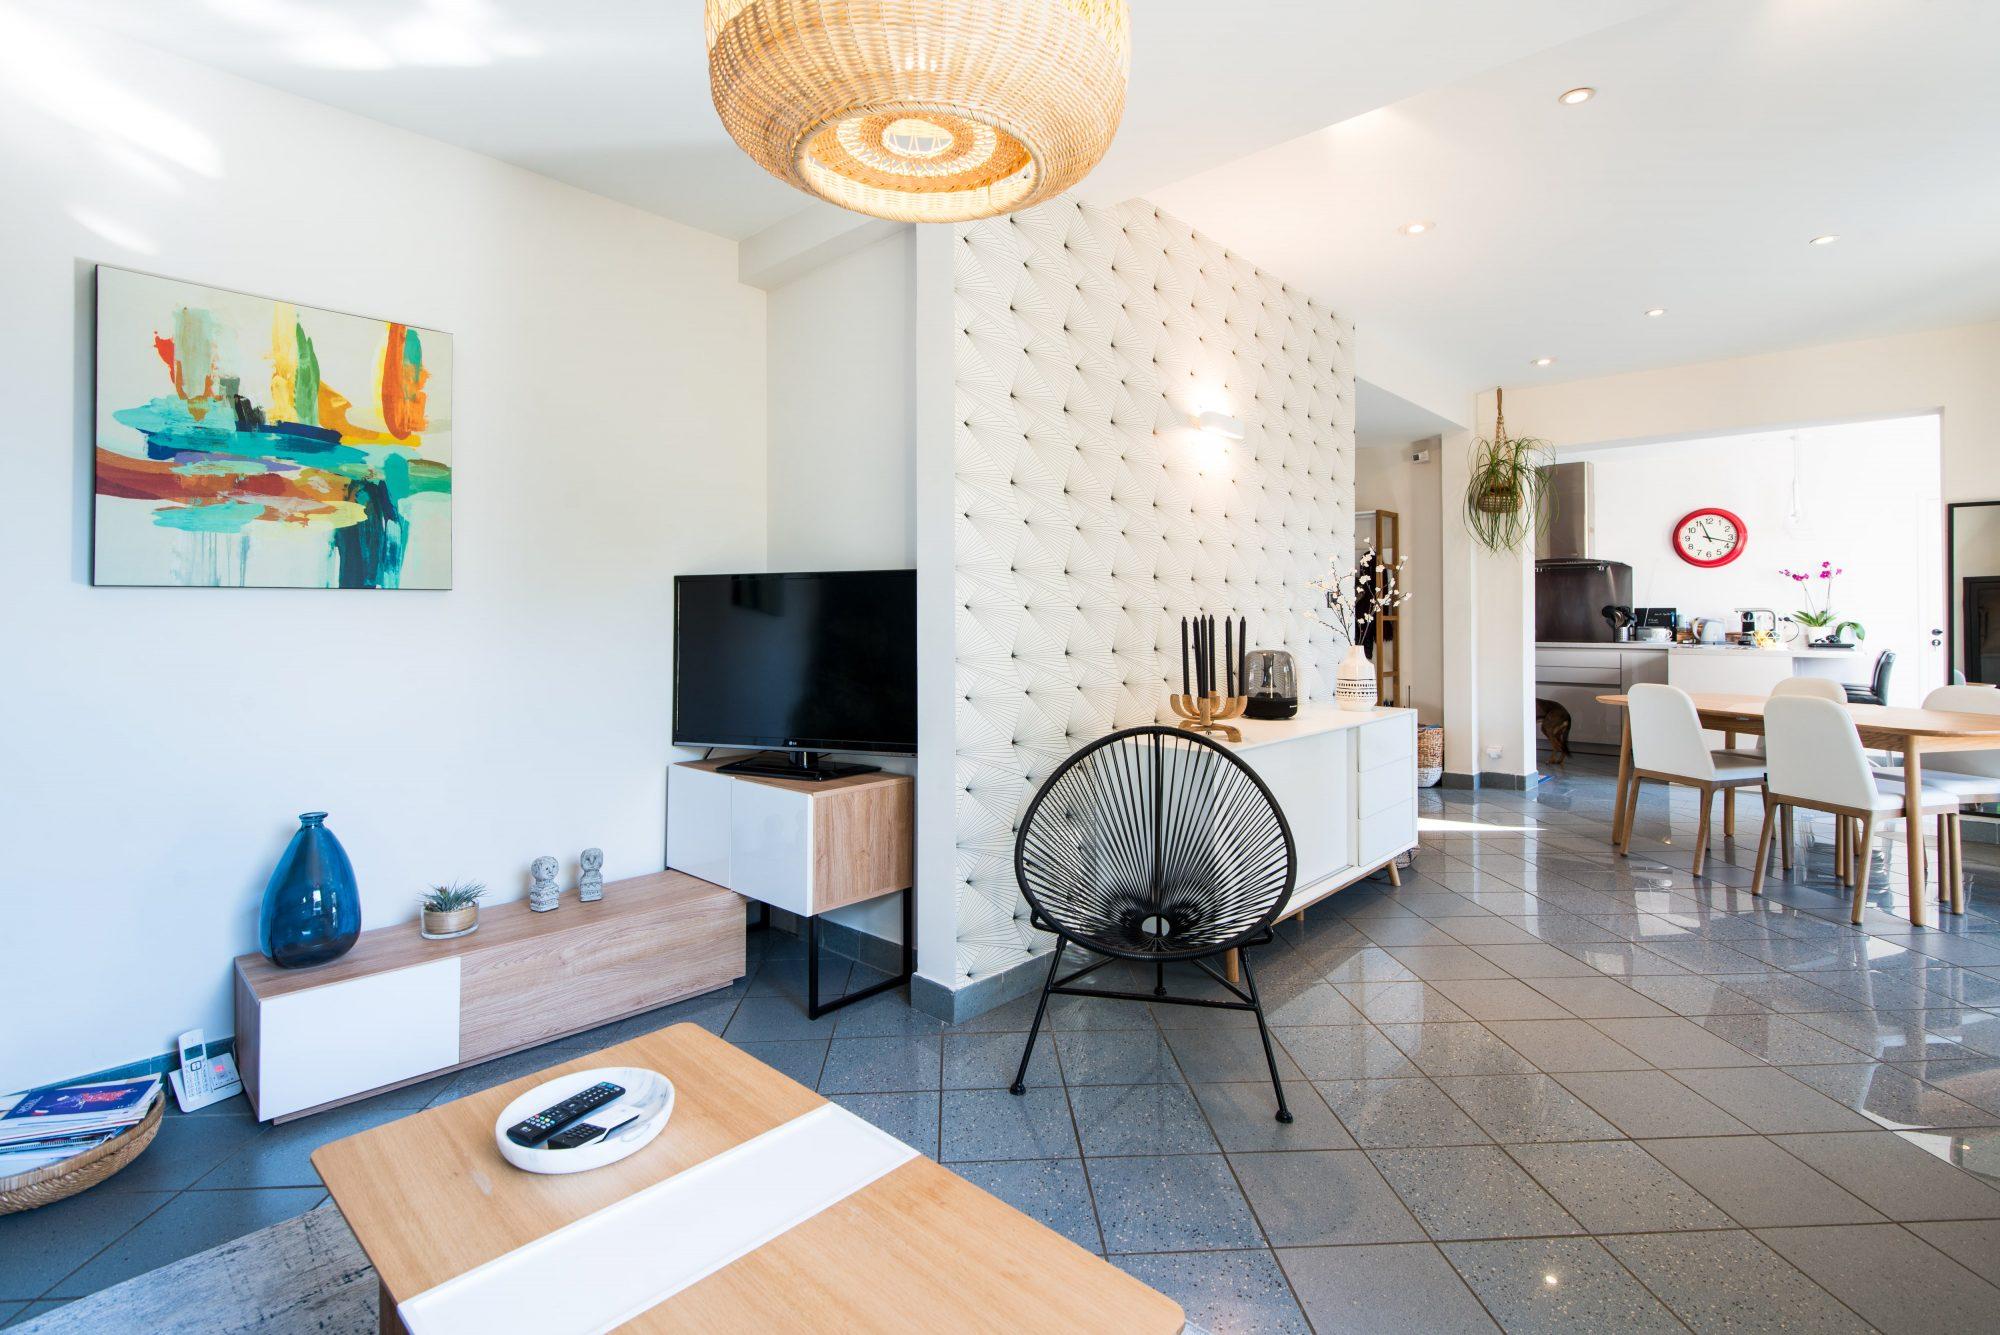 Décoration villa gardoise, Les Angles, salon